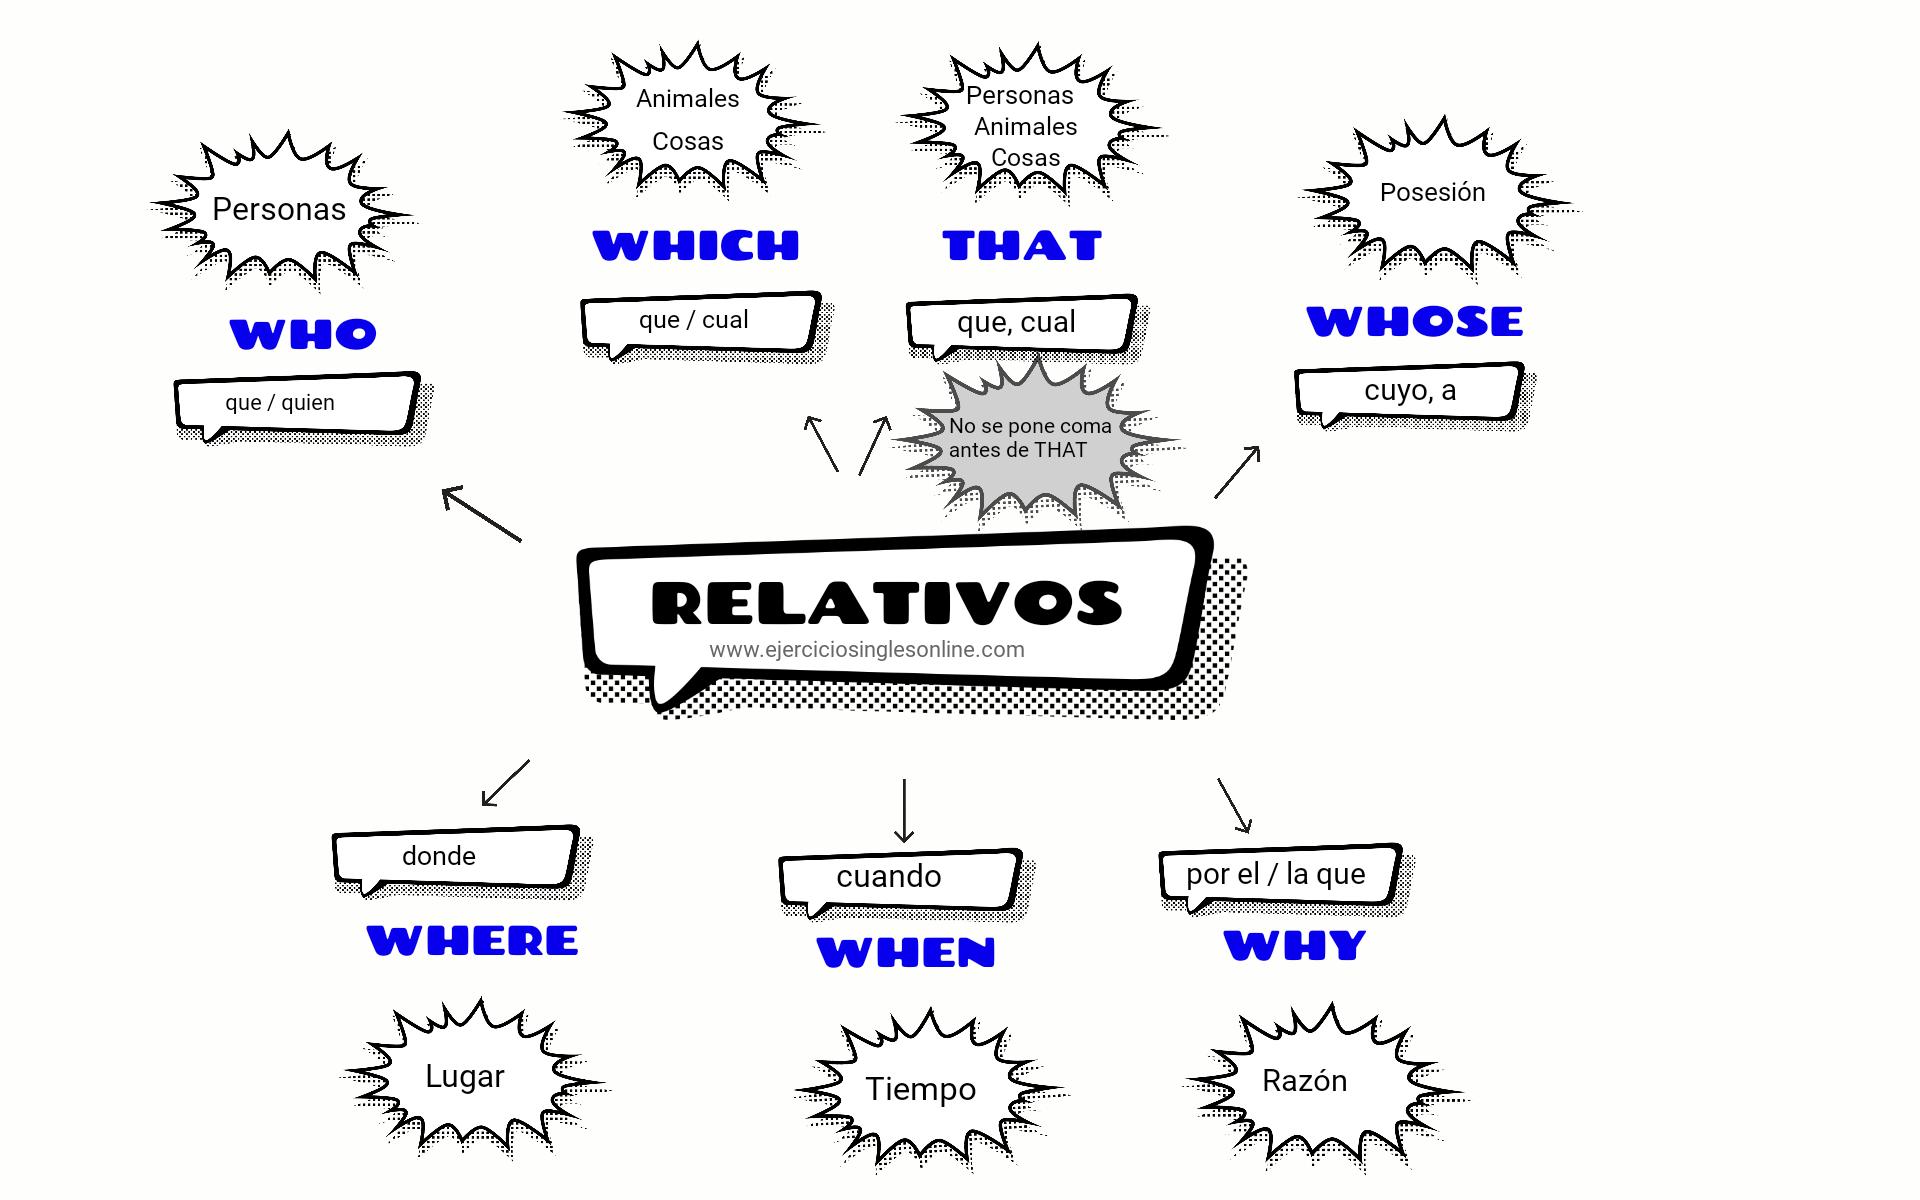 Relativos - Ejercicio 8 - Interactivo